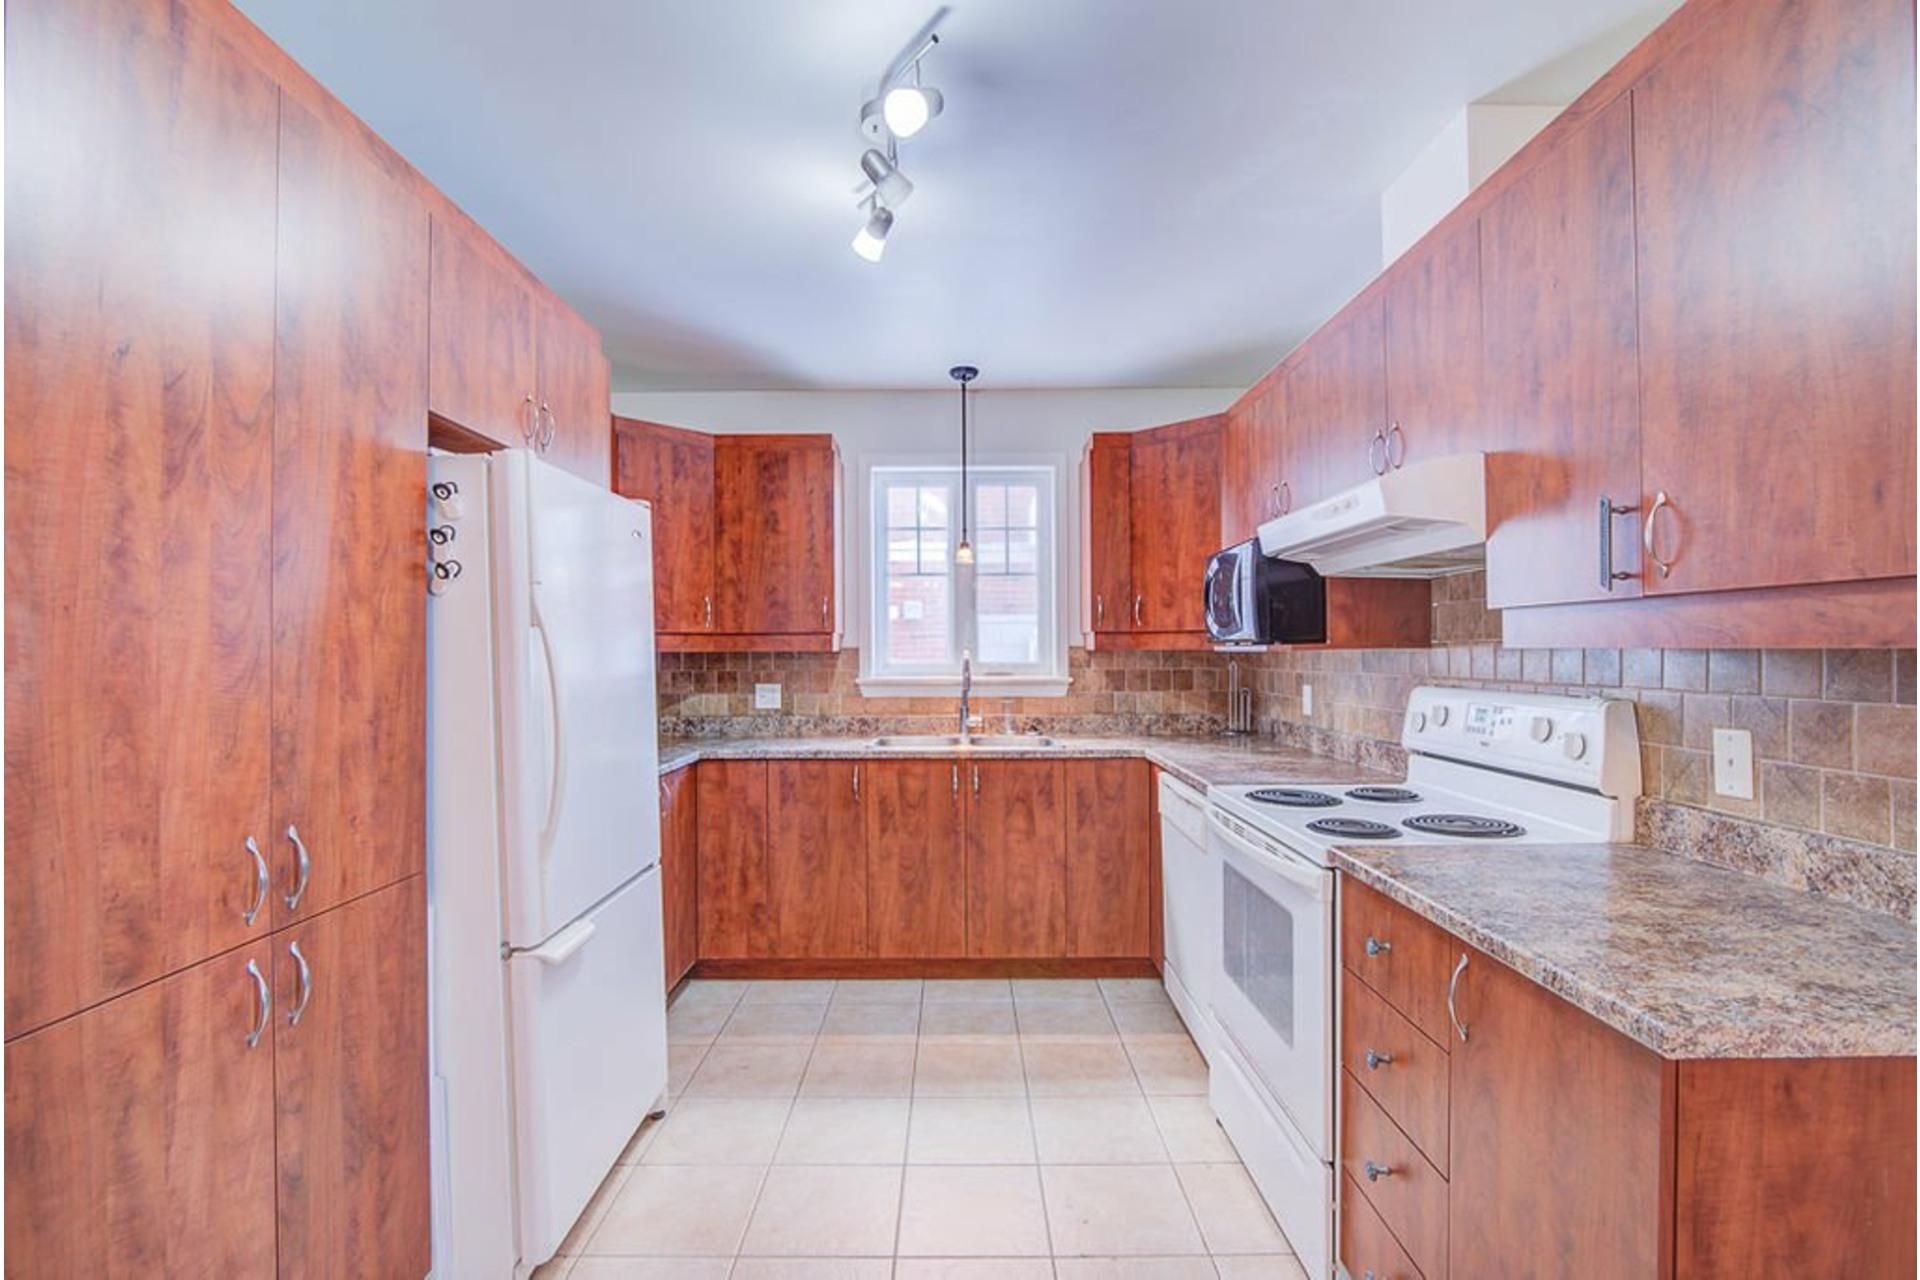 image 5 - Apartment For sale Sainte-Anne-des-Plaines - 7 rooms